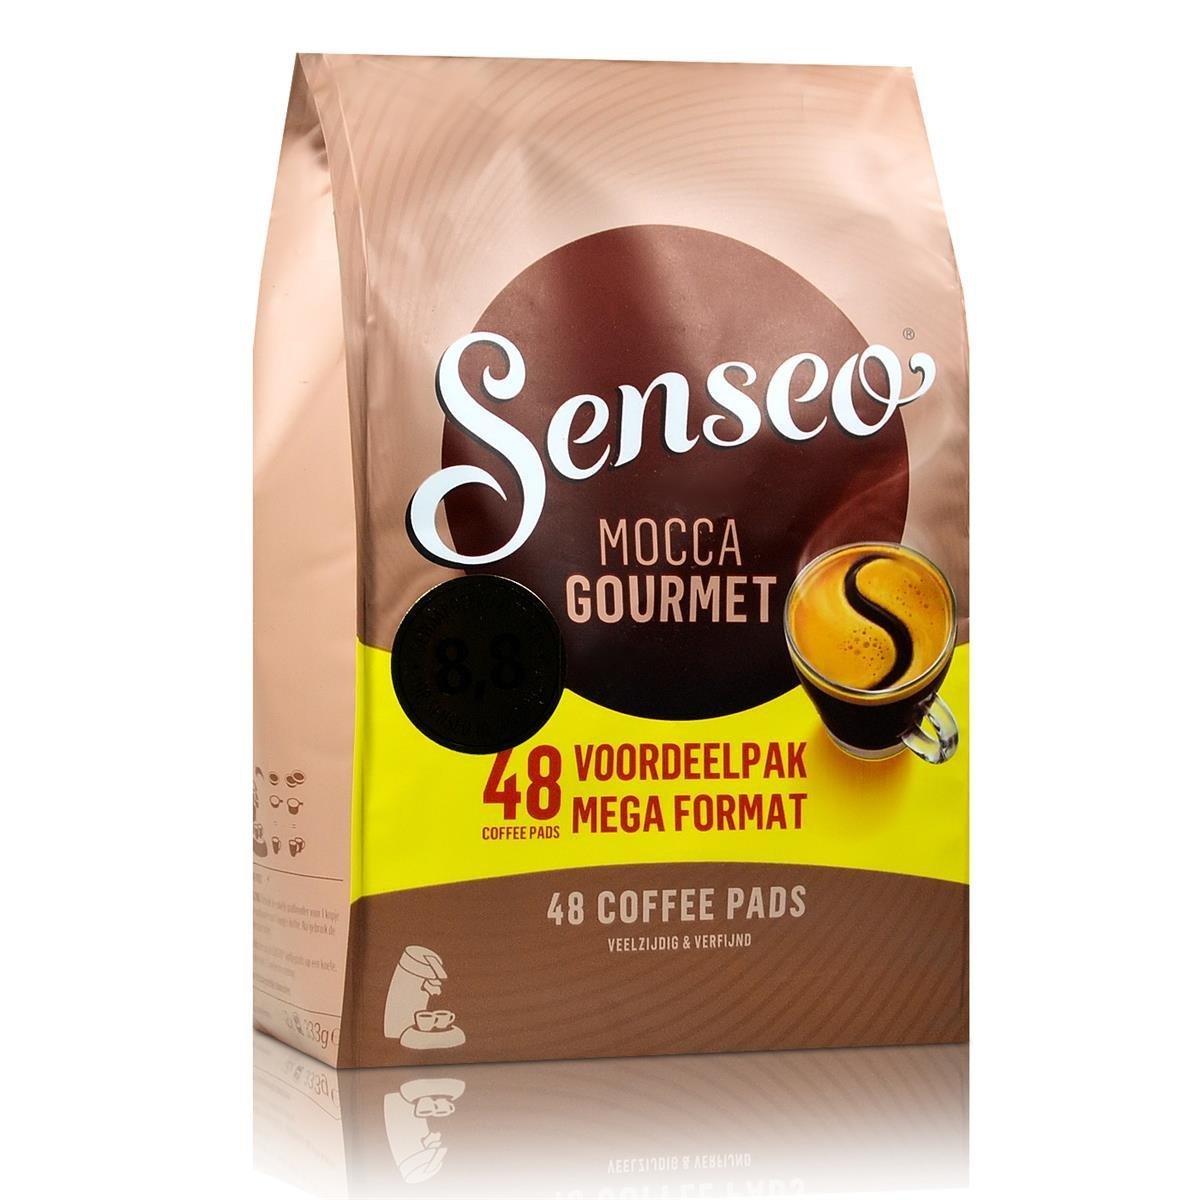 Senseo Mocca Gourmet 48 pads